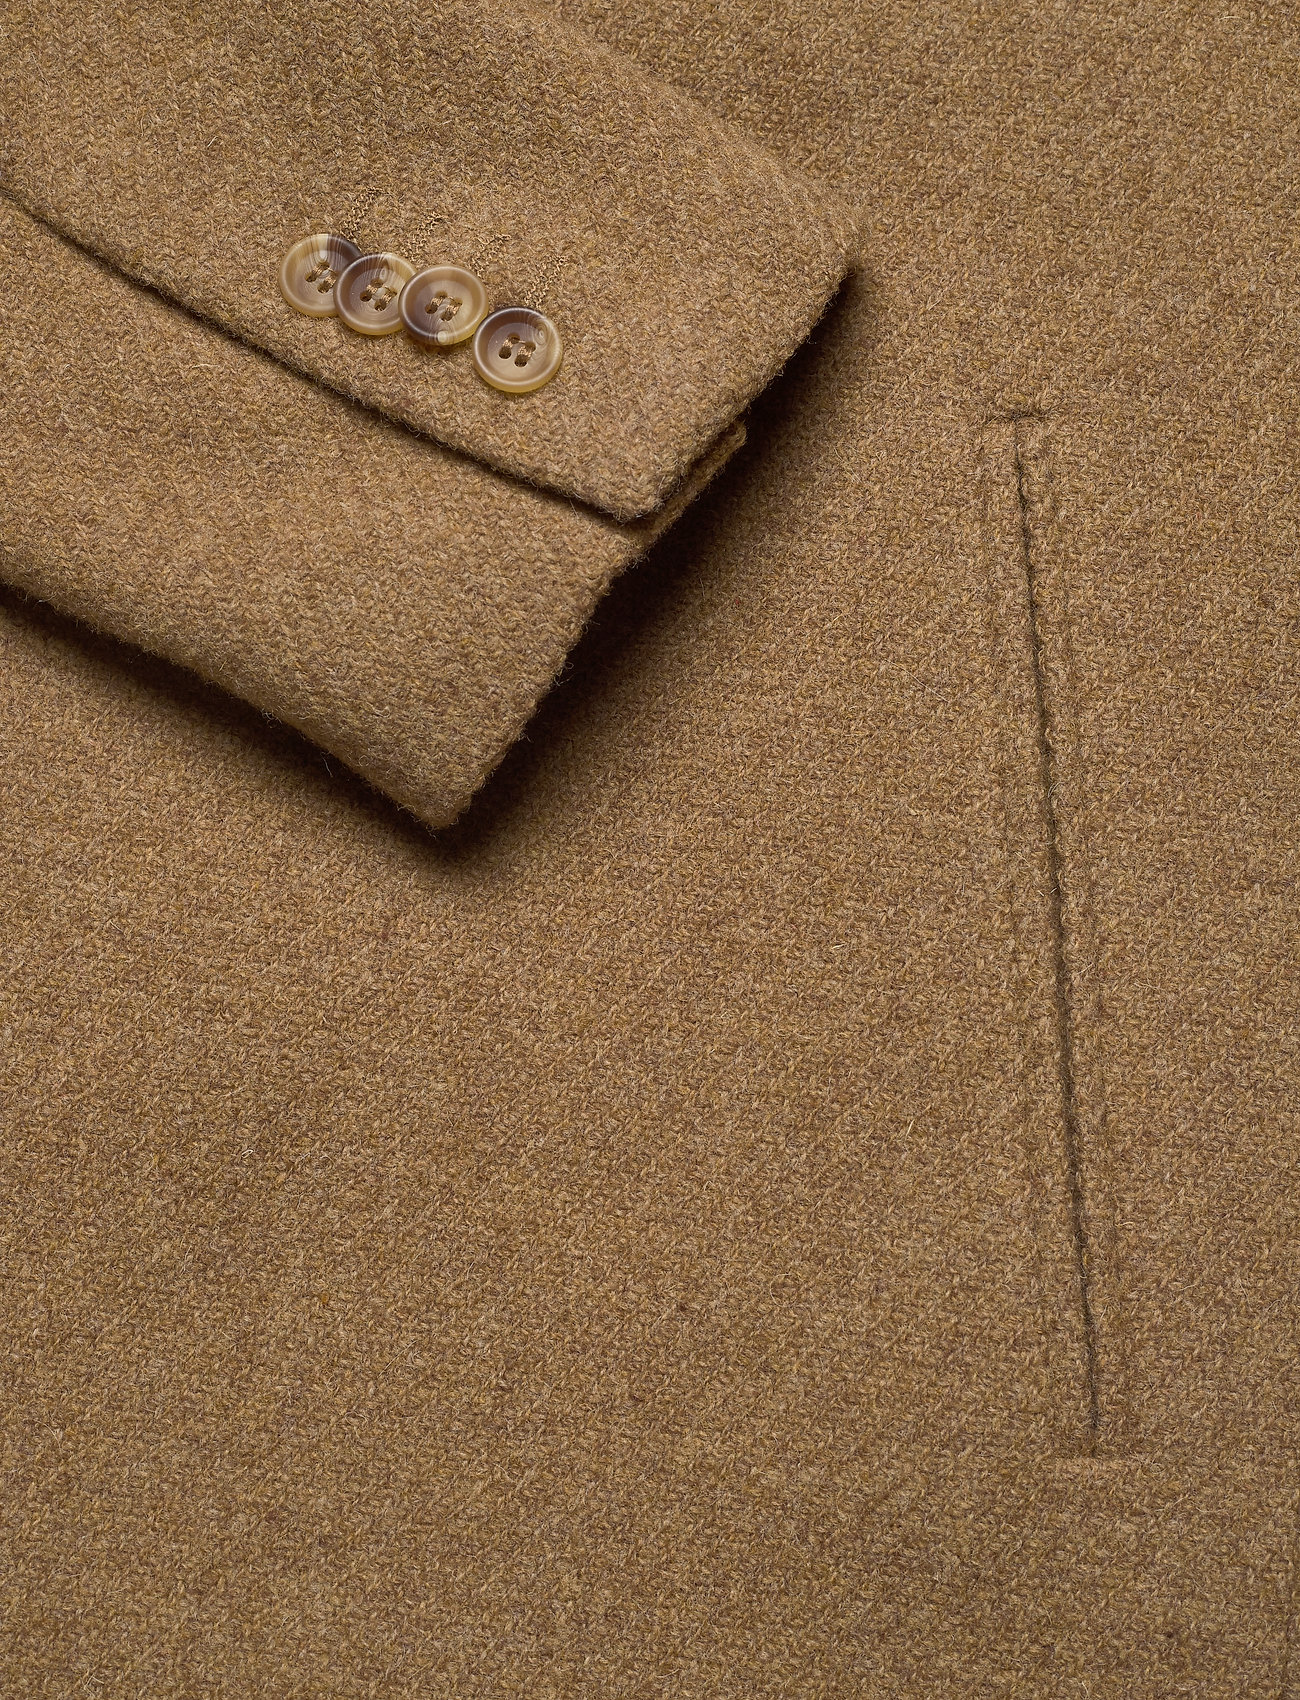 Brixtol Textiles Ian - Jakker og frakker DARK CAMEL - Menn Klær